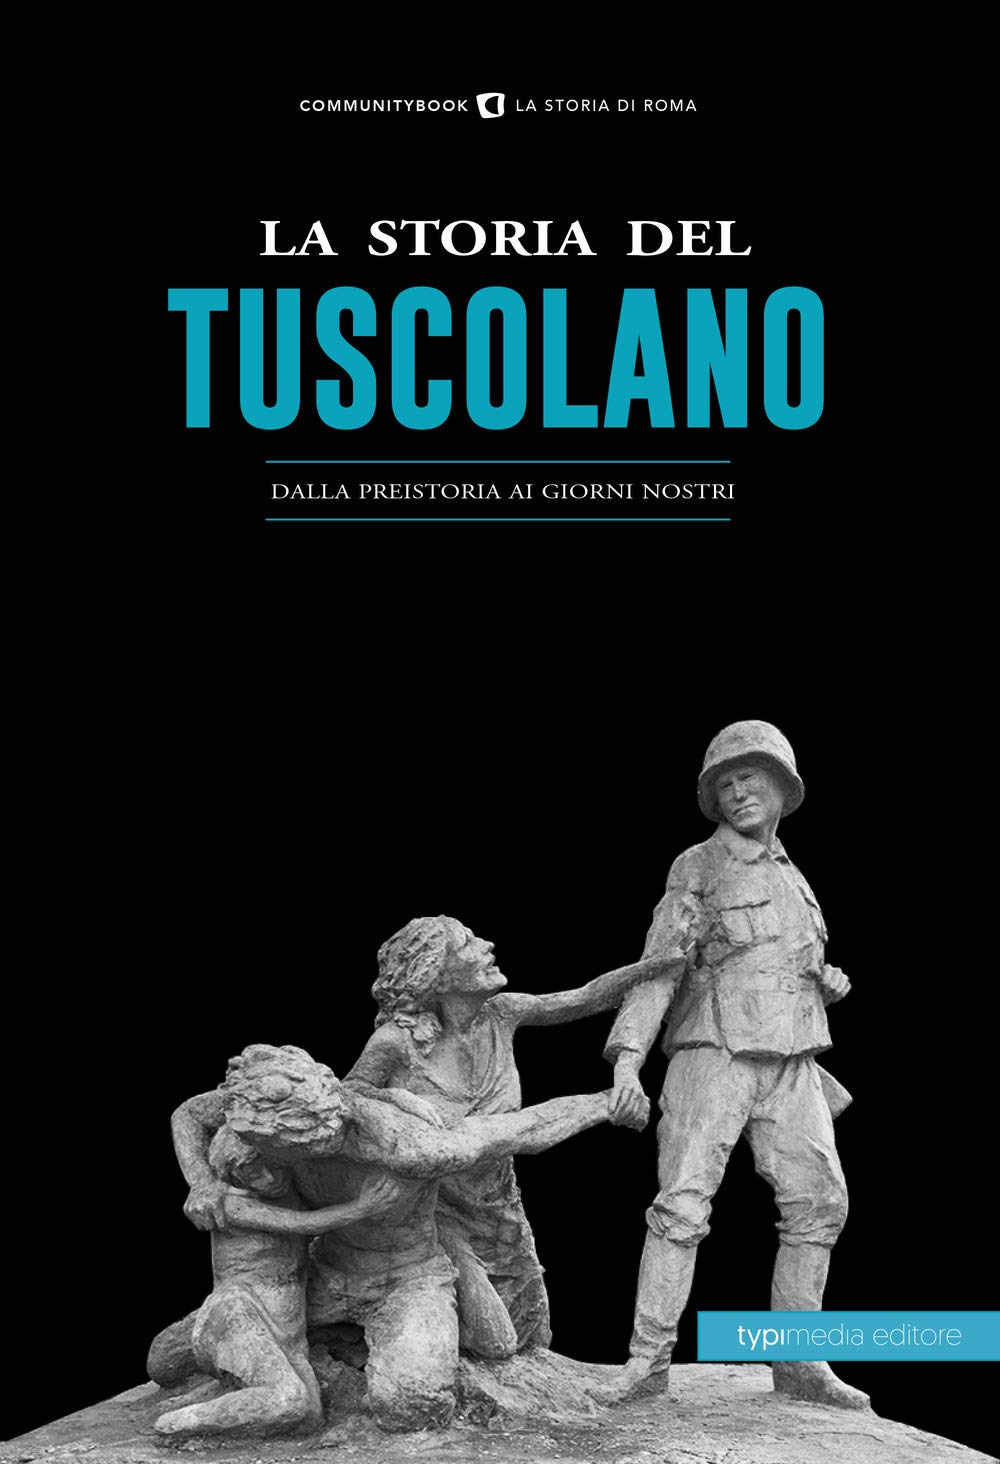 La storia del Tuscolano